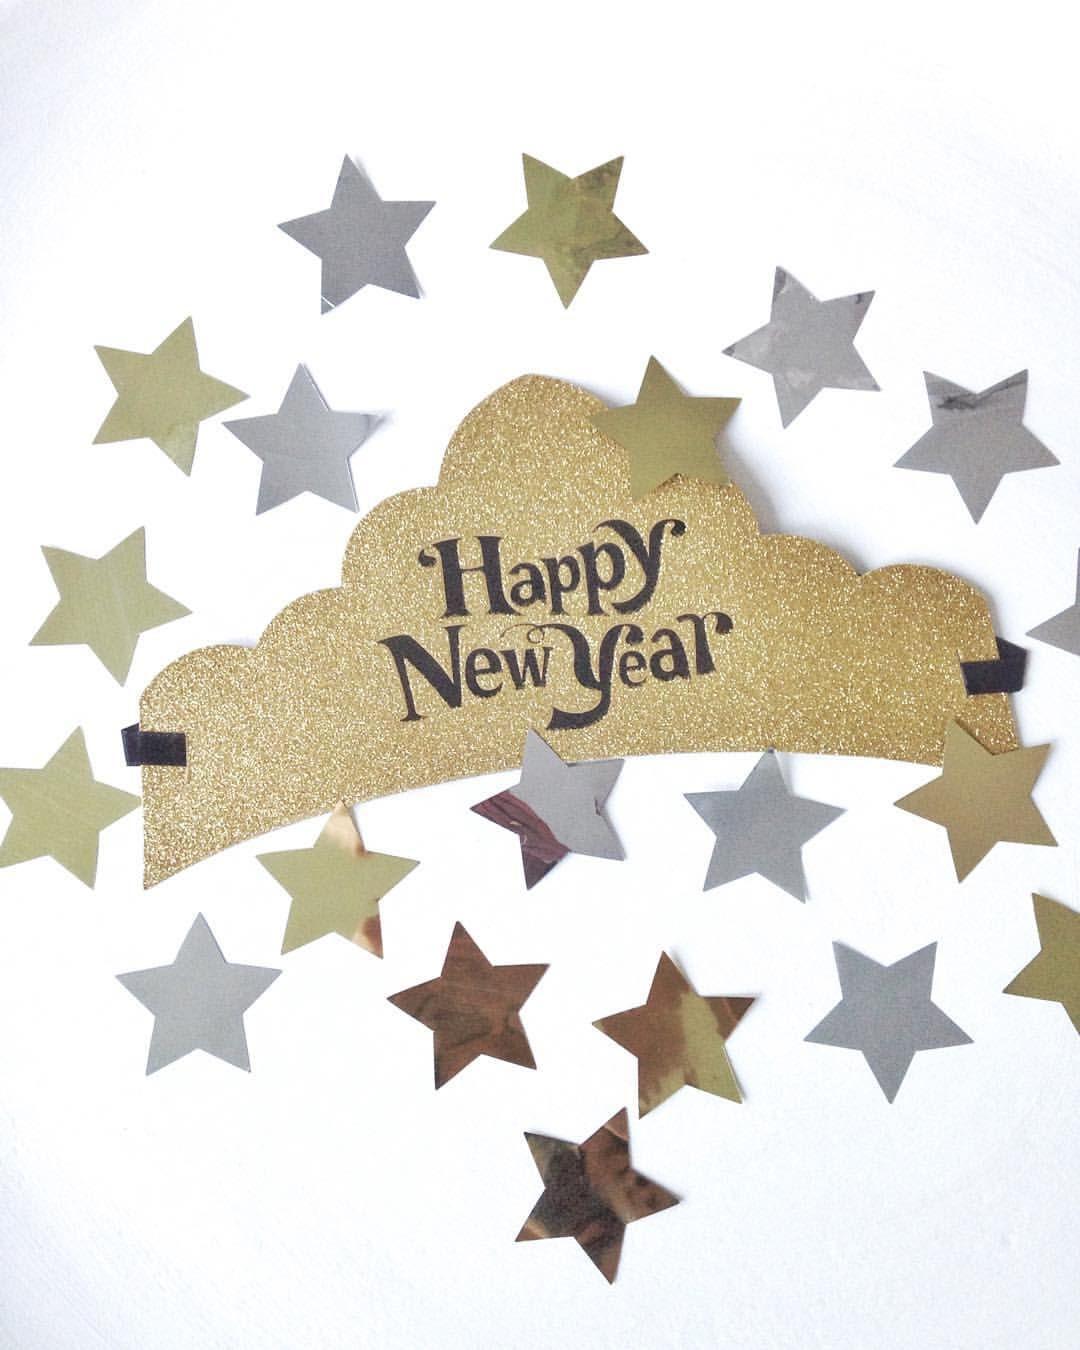 Voor iedereen een hele fijne jaarwisseling en op naar een mooi jaar zowel prive als op IG! Bedankt voor alle lieve likes, woorden en reacties. Tot volgend jaar 2016